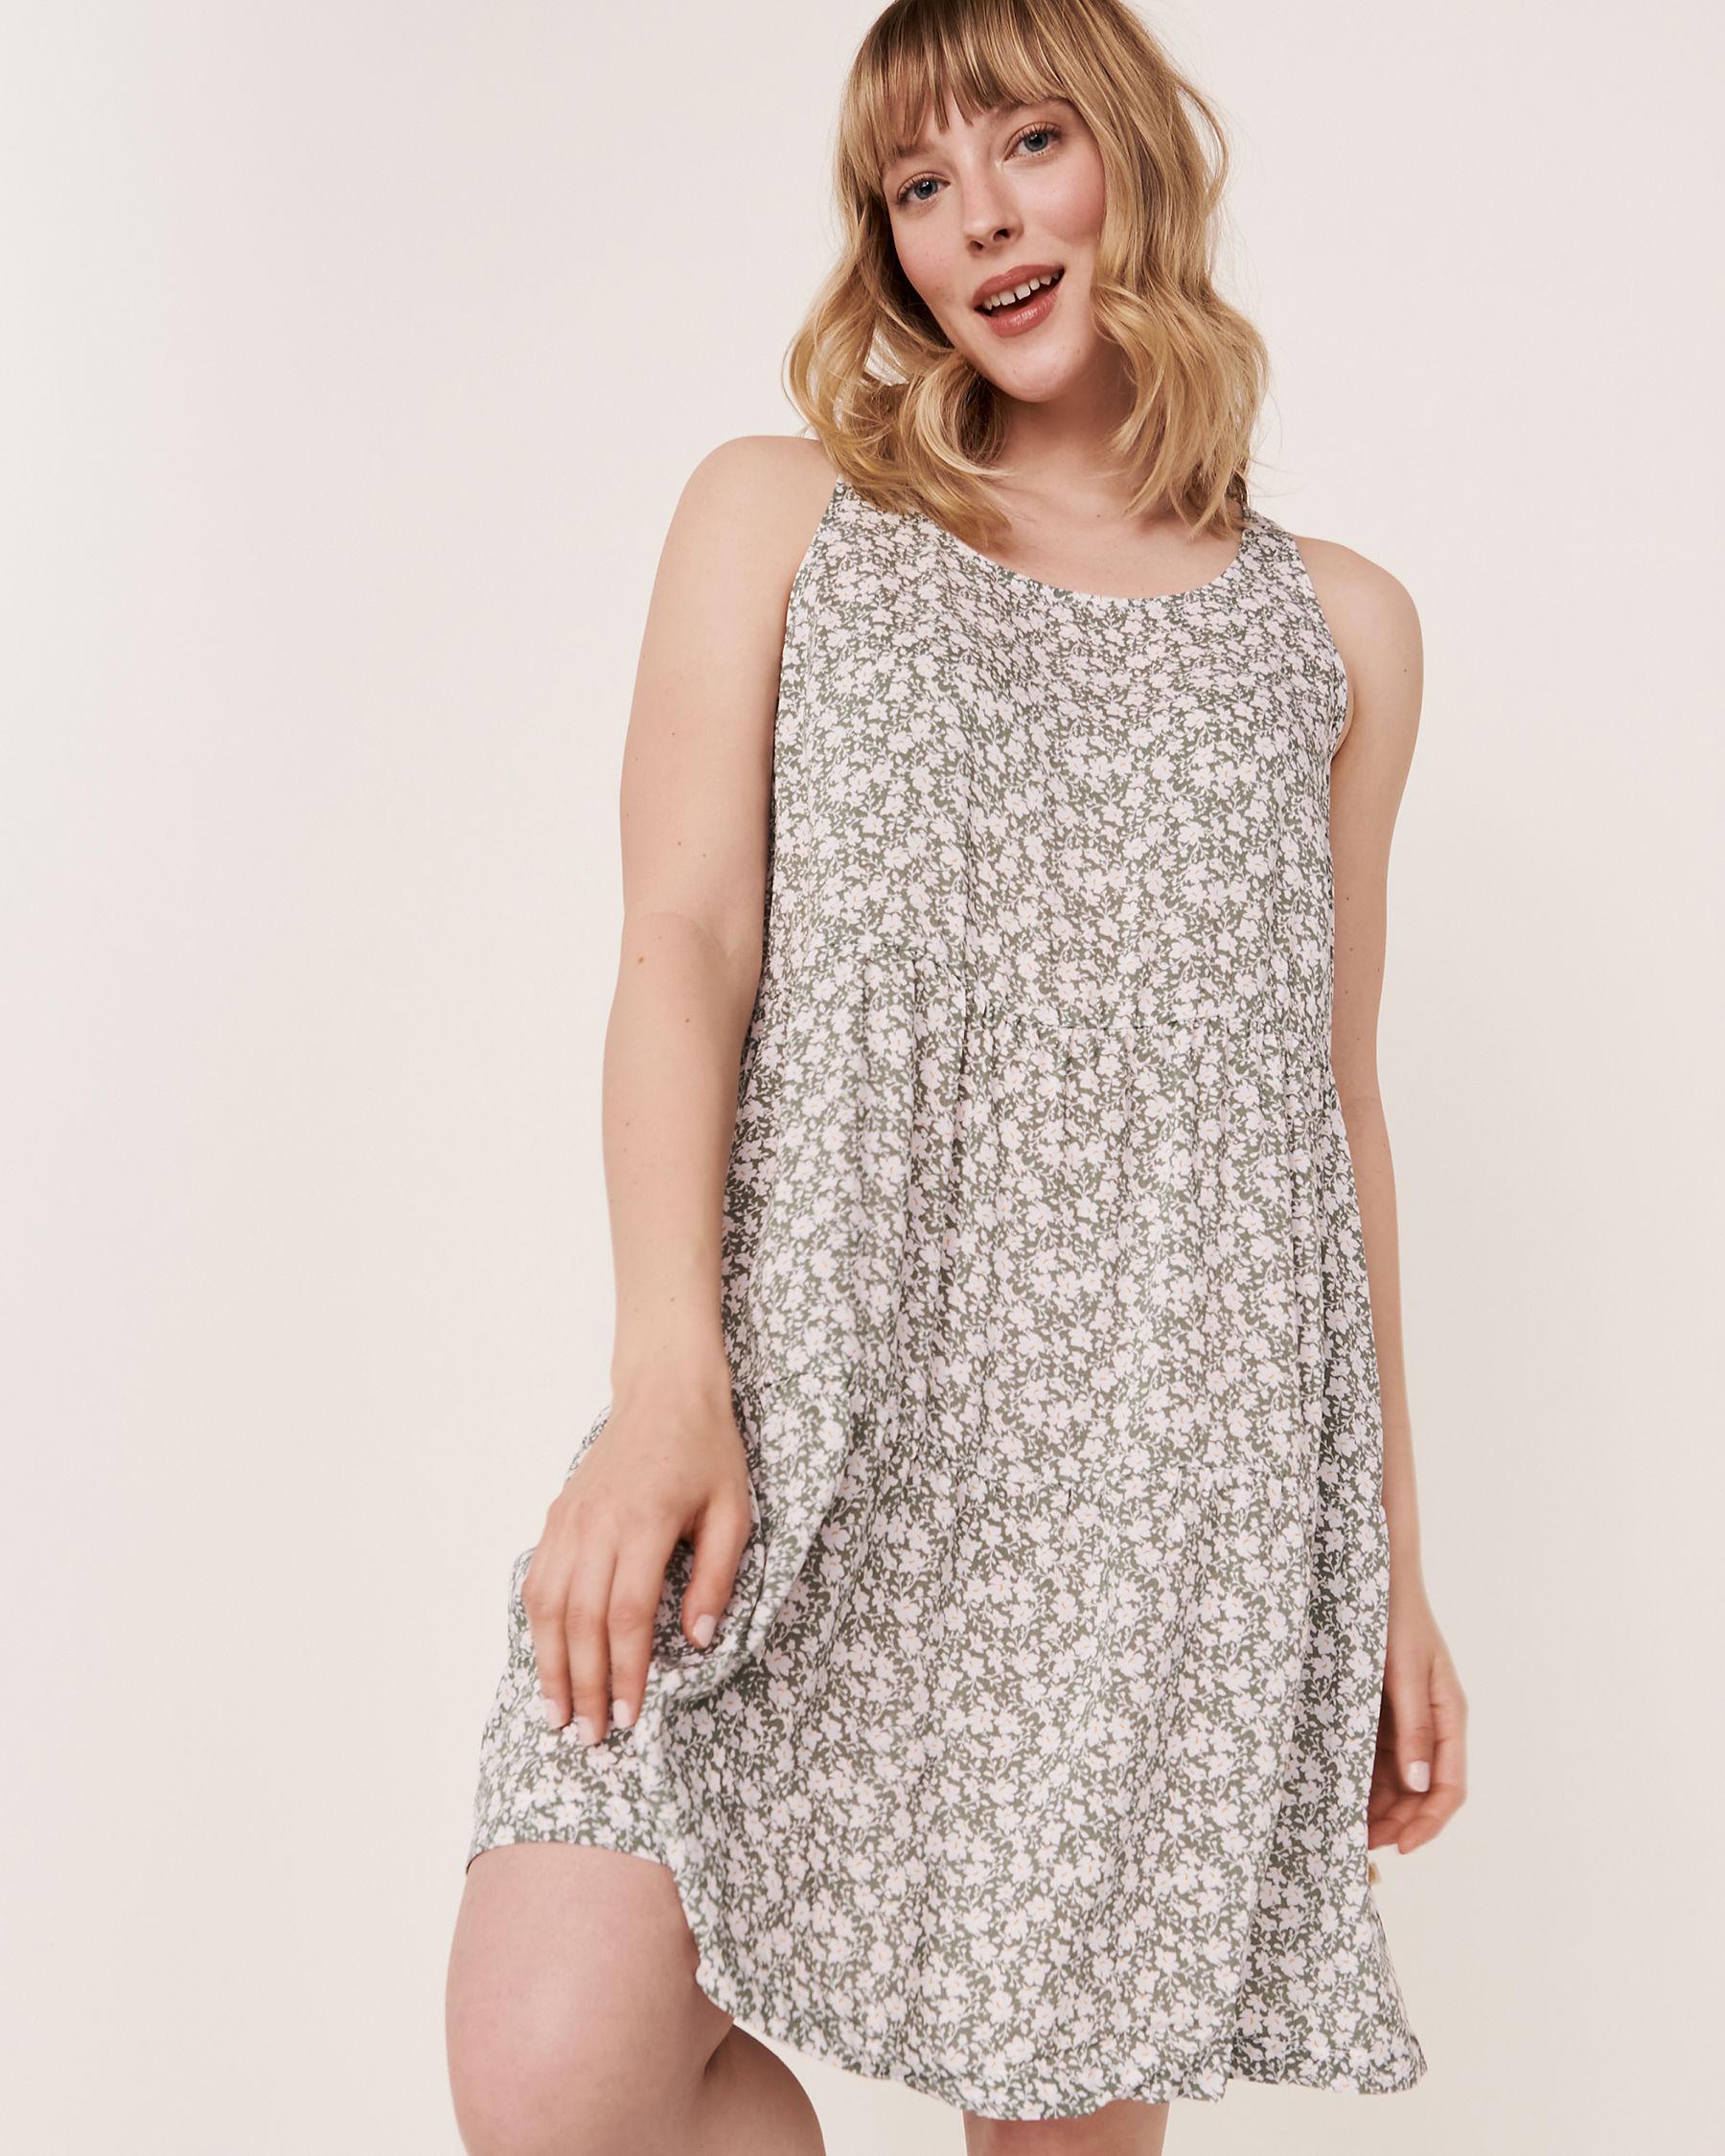 LA VIE EN ROSE AQUA Short Layered Dress Green floral 80300015 - View1